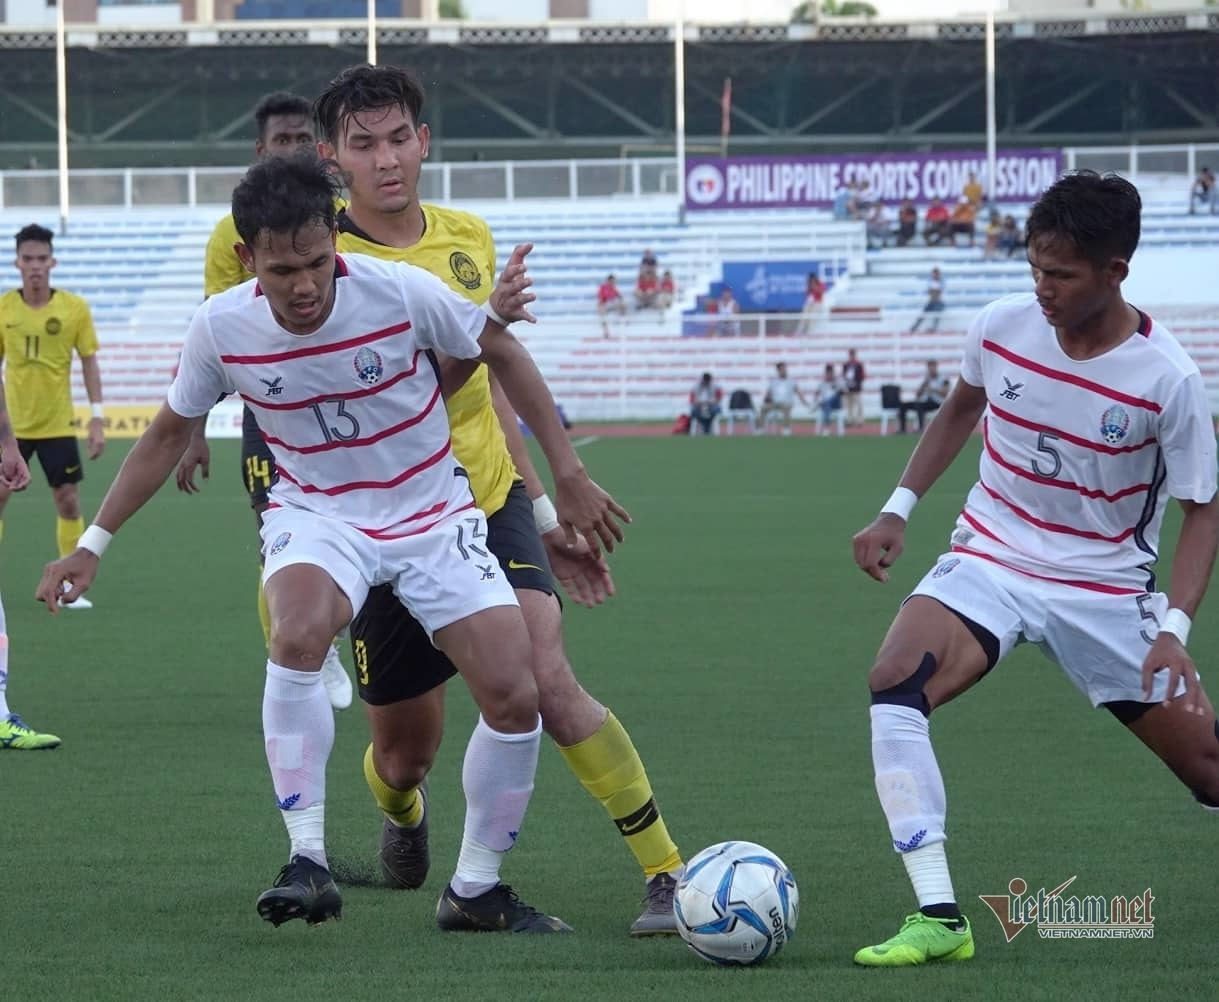 Báo Malaysia sau trận thua U22 Campuchia: Cơn ác mộng trong hiệp 2 - Hình 1